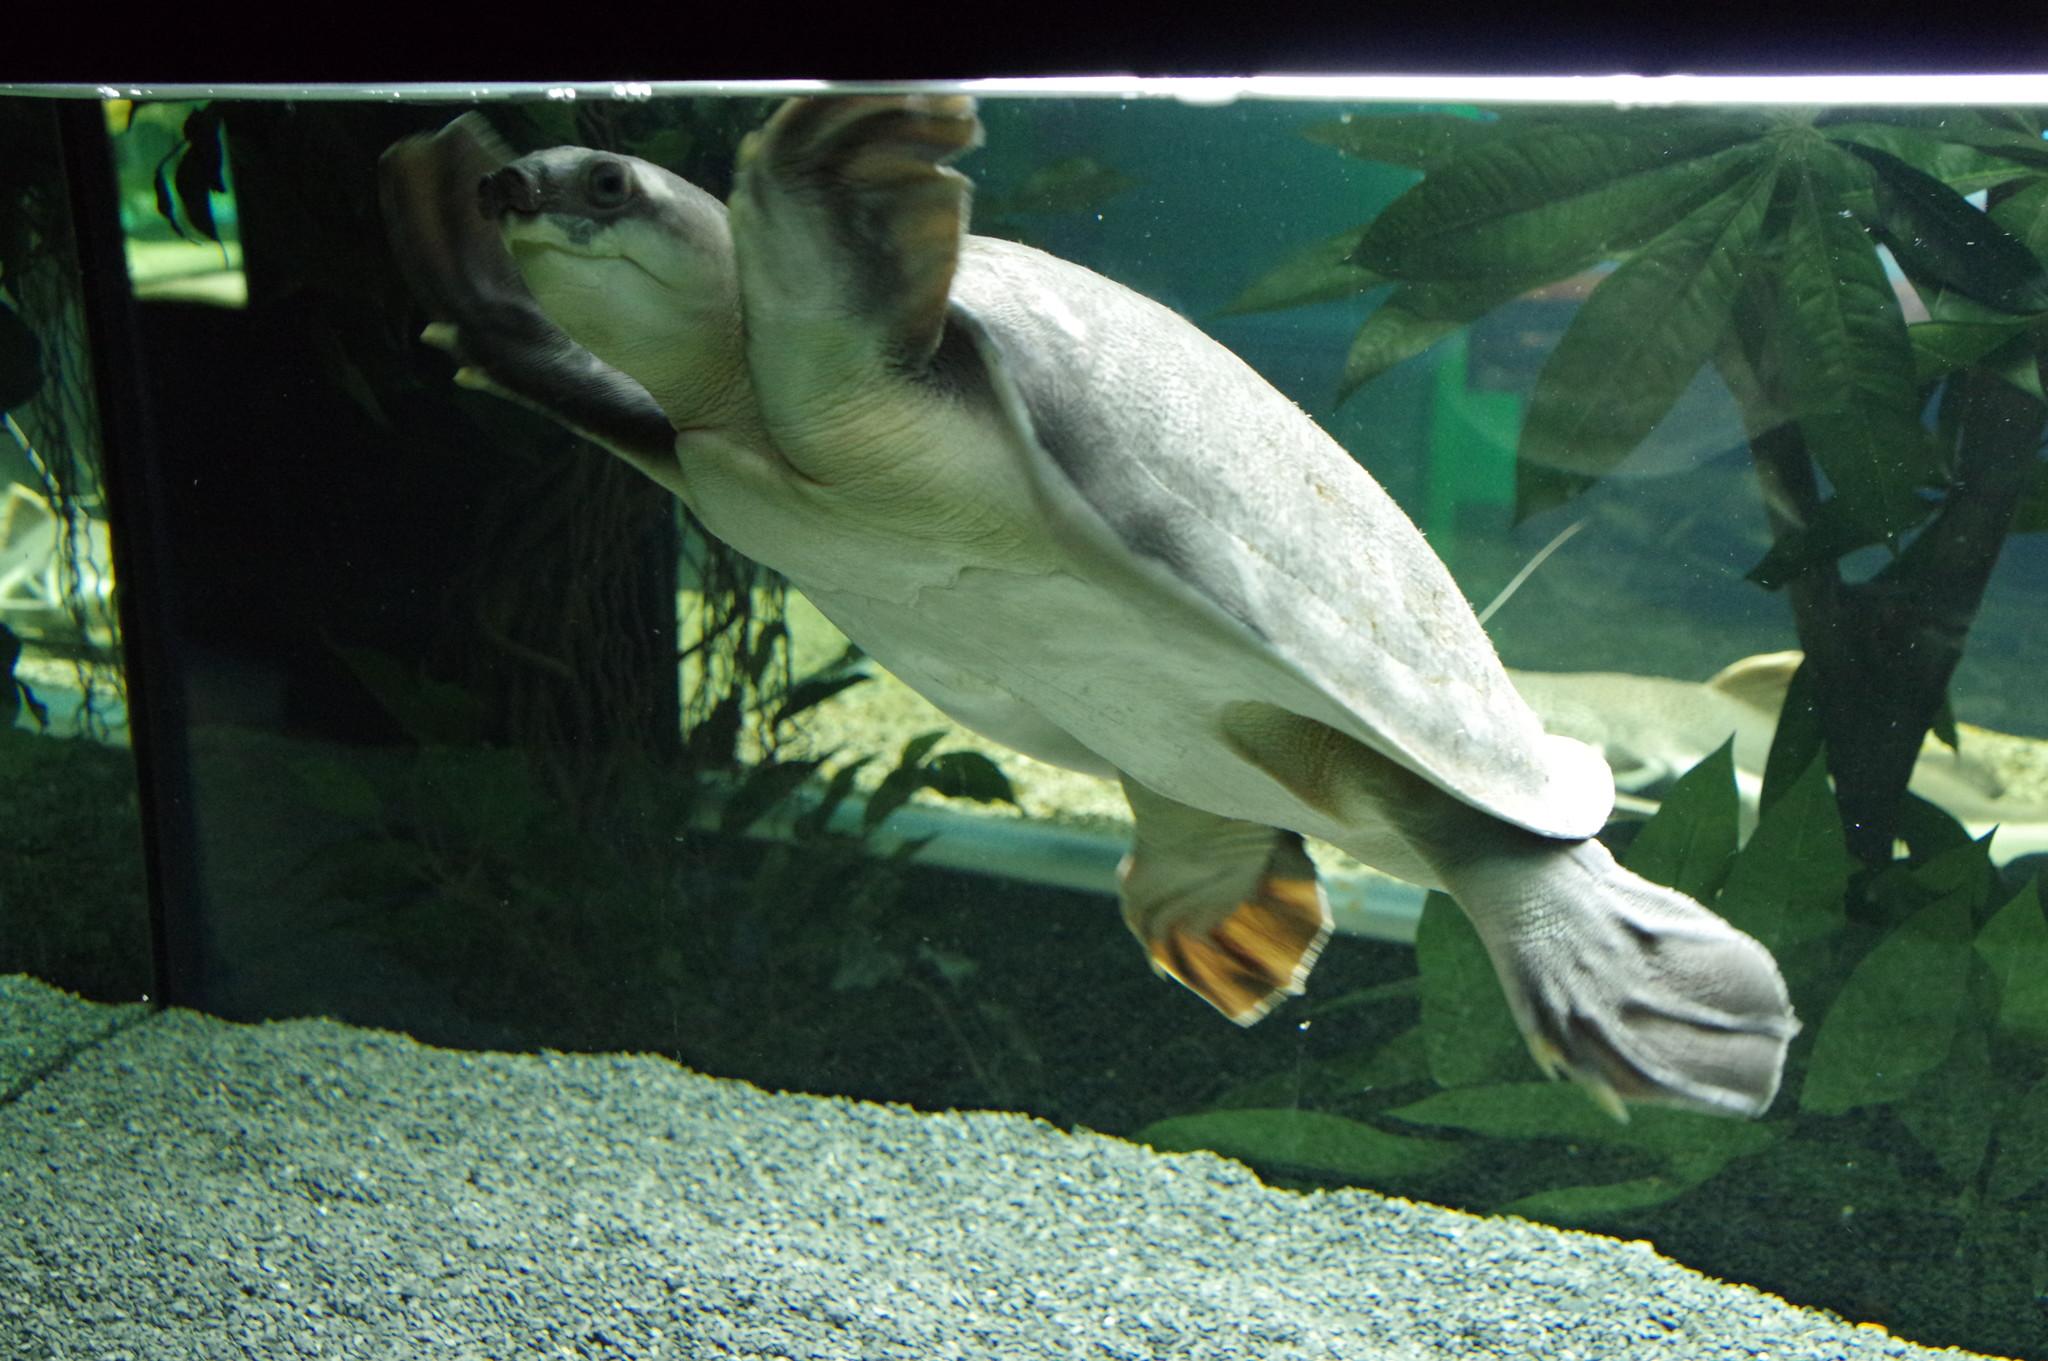 Китайский трионикс (Pelodiscus sinensis) – пресноводная черепаха семейства мягкотелых черепах